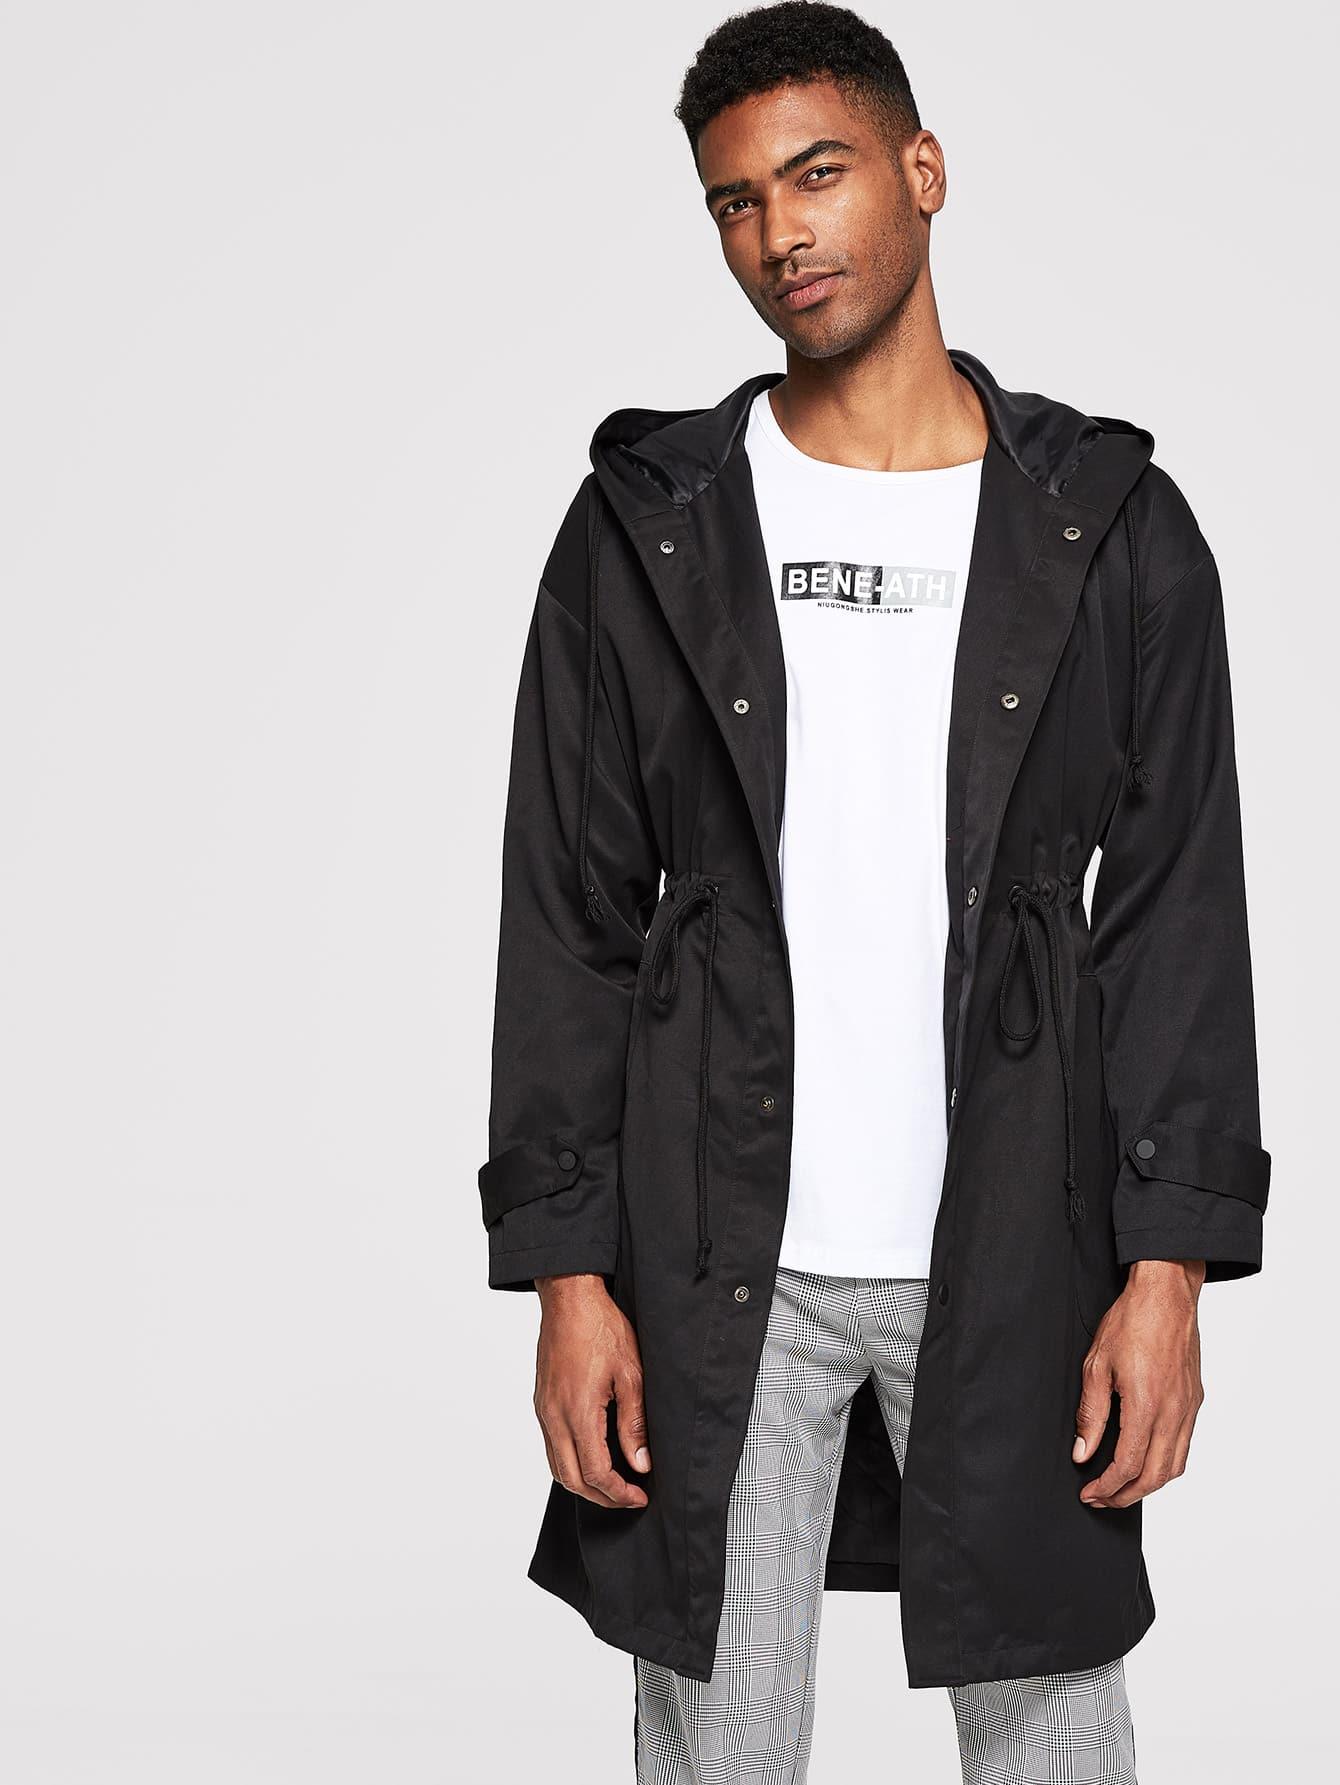 Купить Для мужчин пальто с капюшоном на пуговицах, Johnn Silva, SheIn